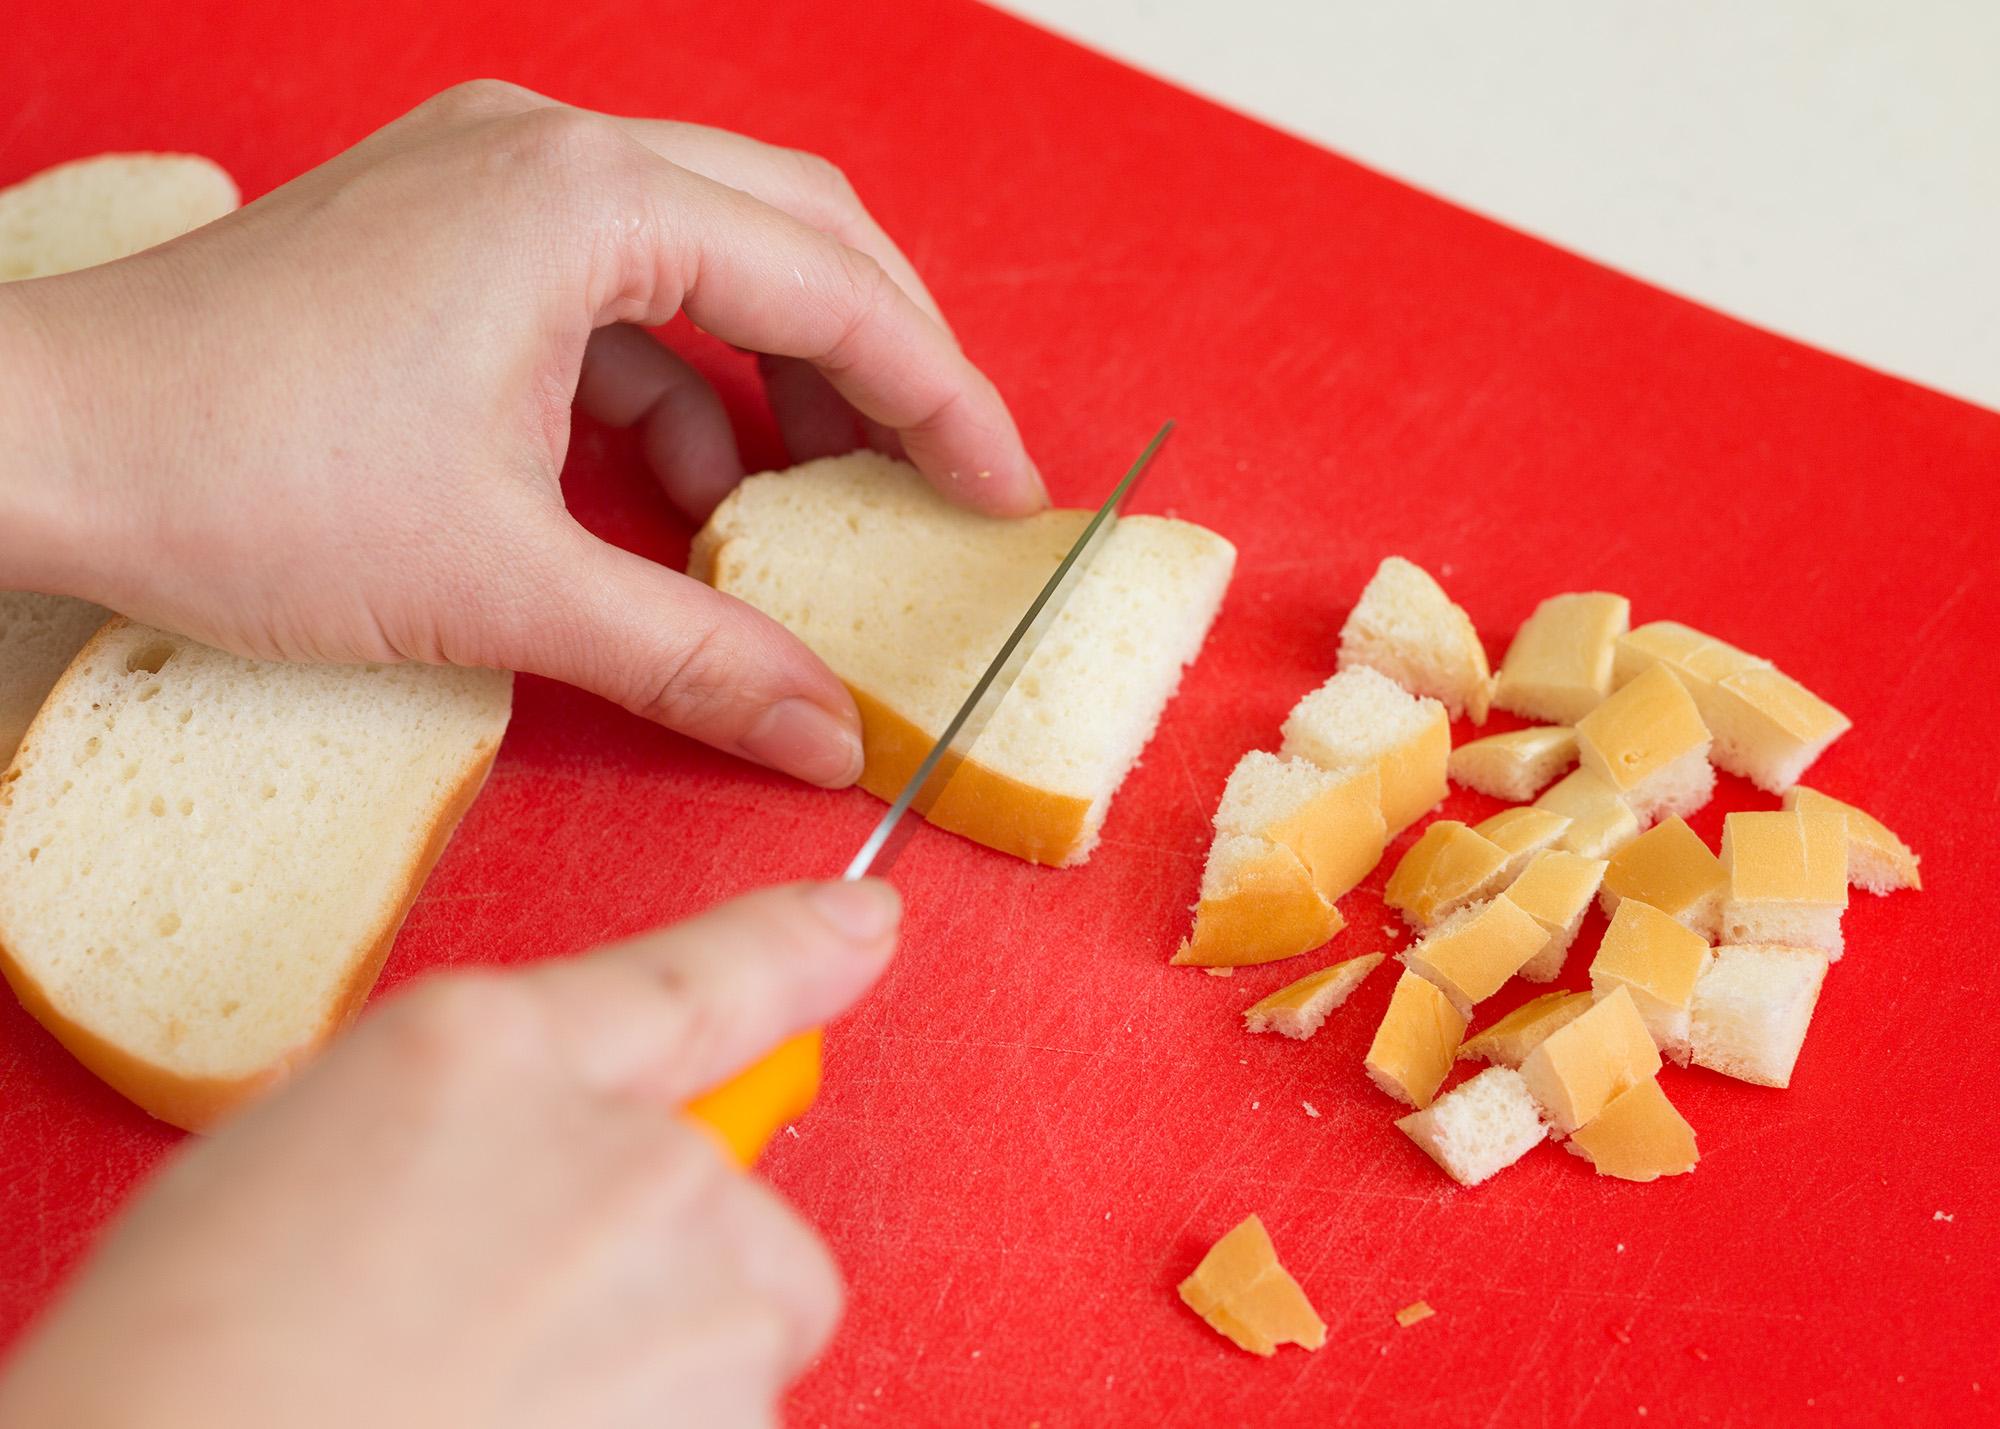 アレンジ ディナー ロール コストコディナーロールのおいしい食べ方とアレンジ簡単術